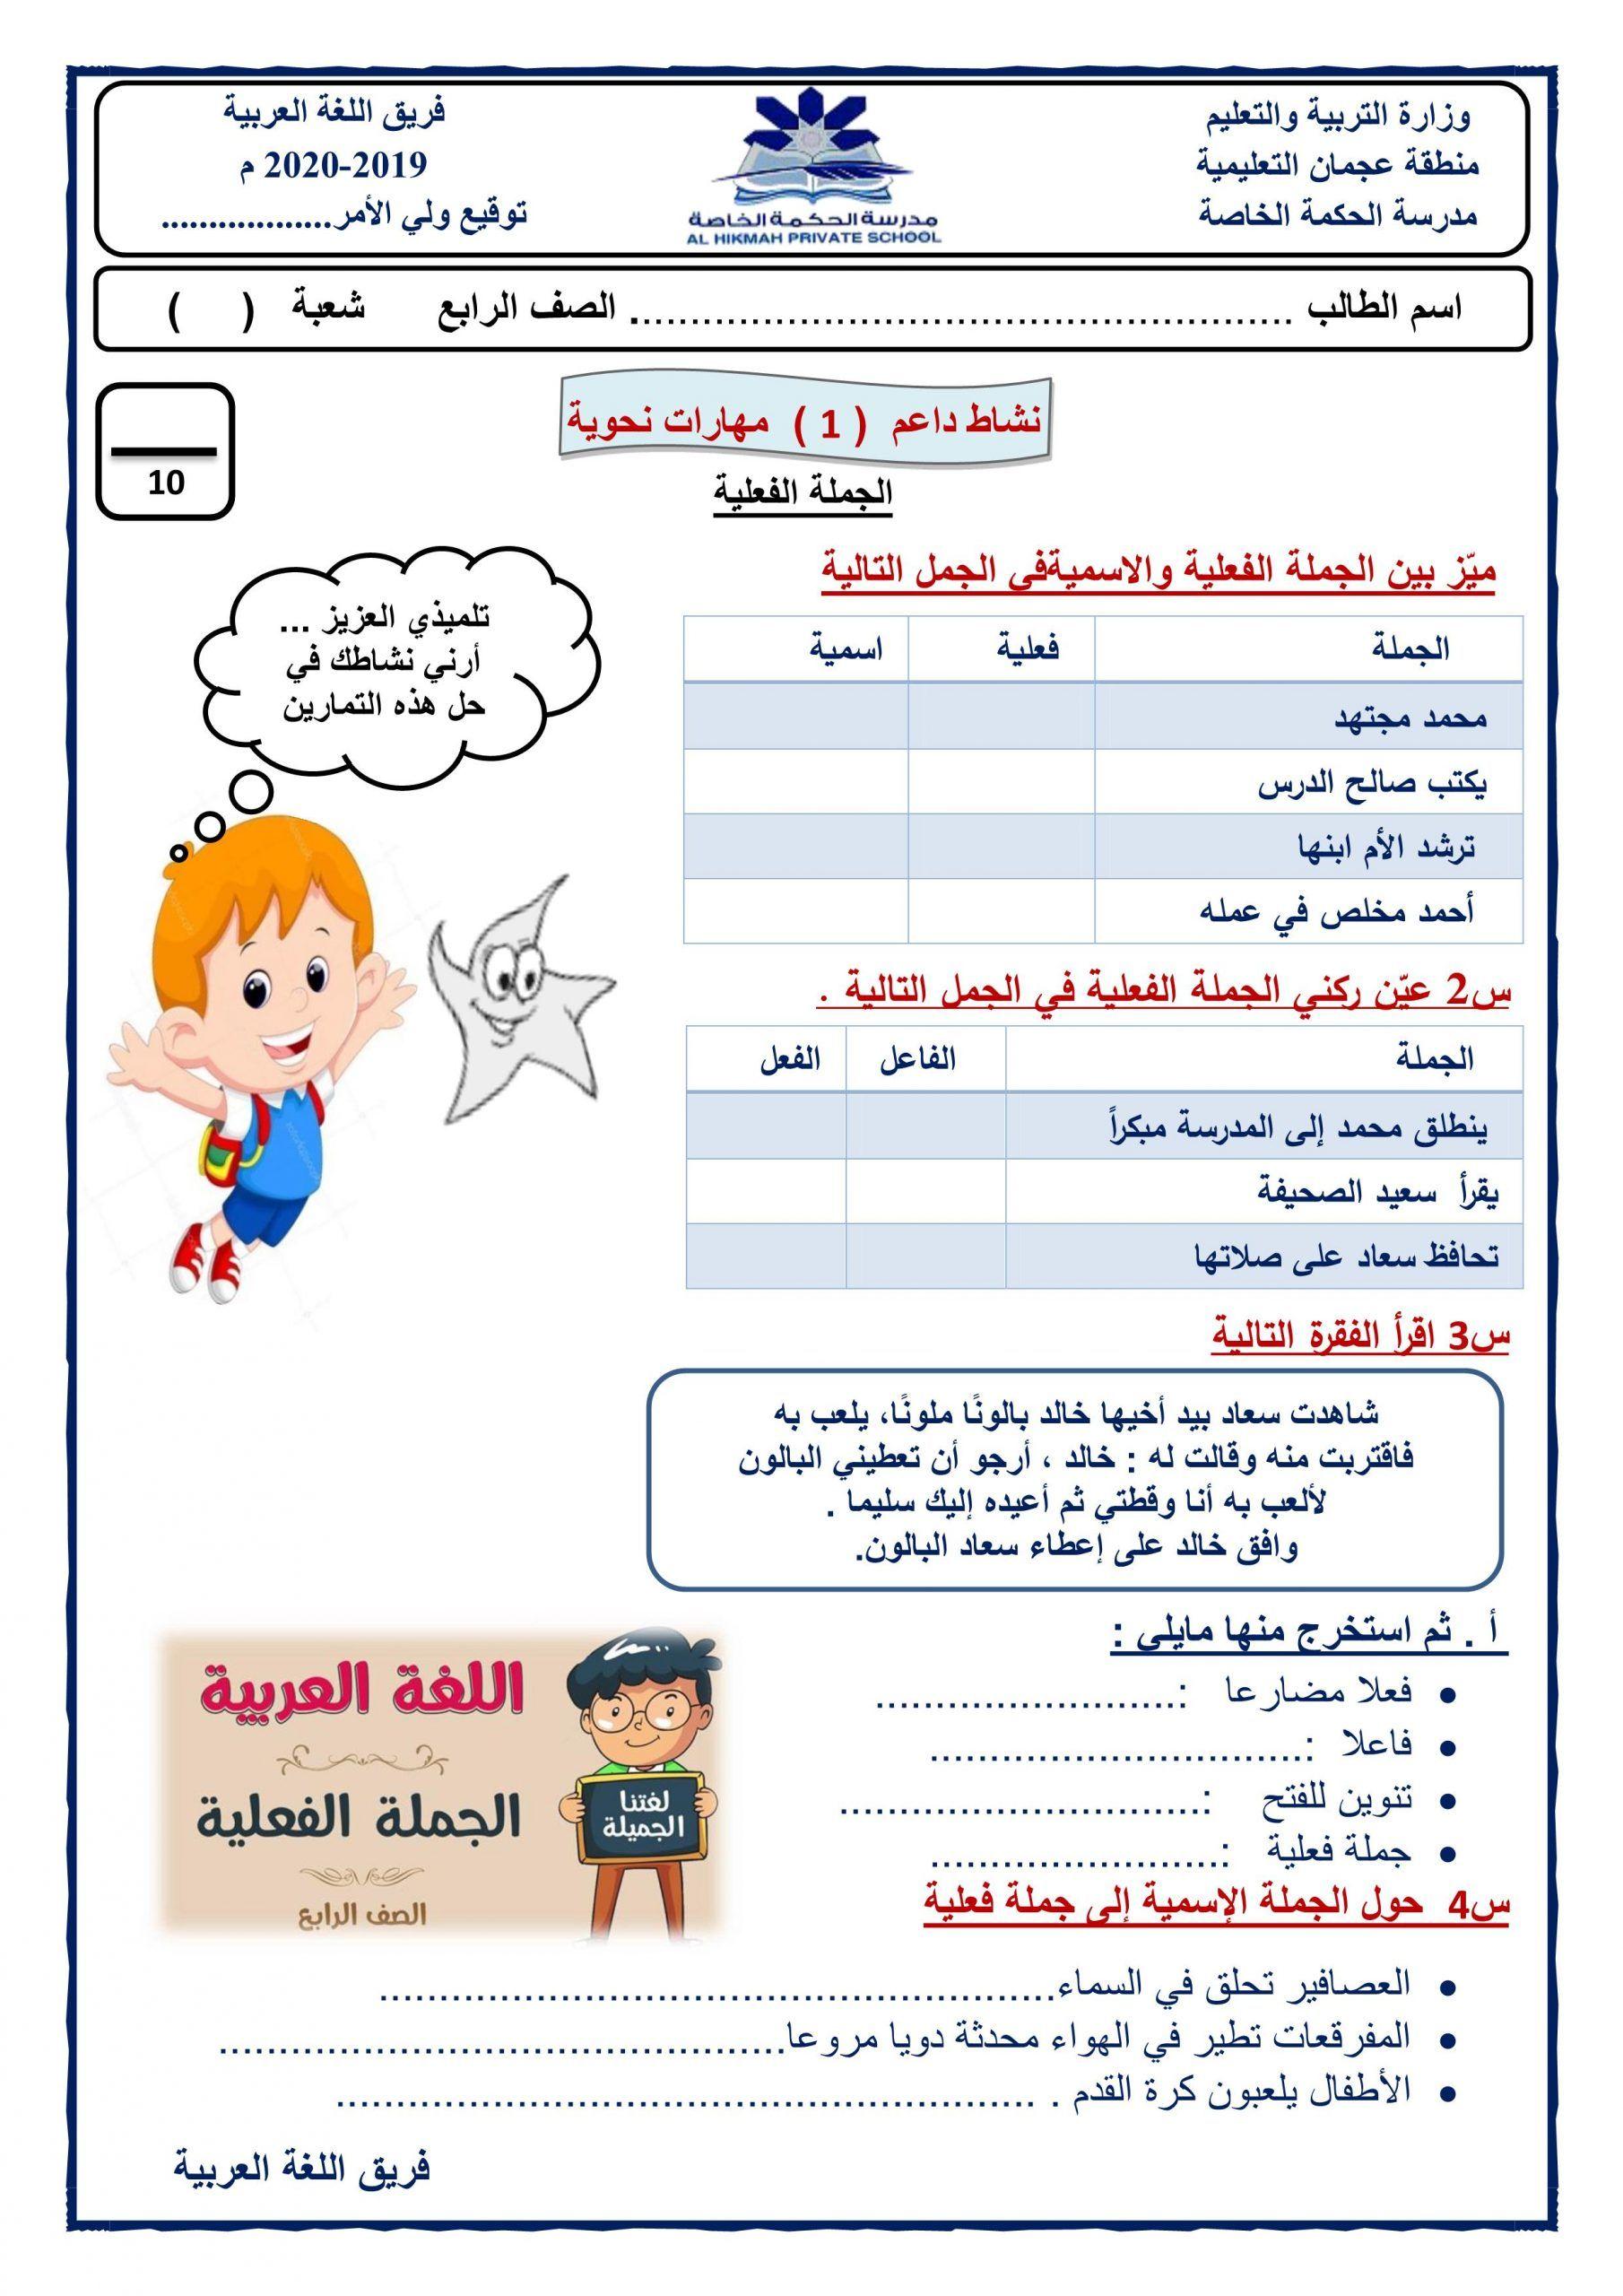 ورقة عمل الجملة الفعلية نشاط داعم للصف الرابع مادة اللغة العربية 10 Things